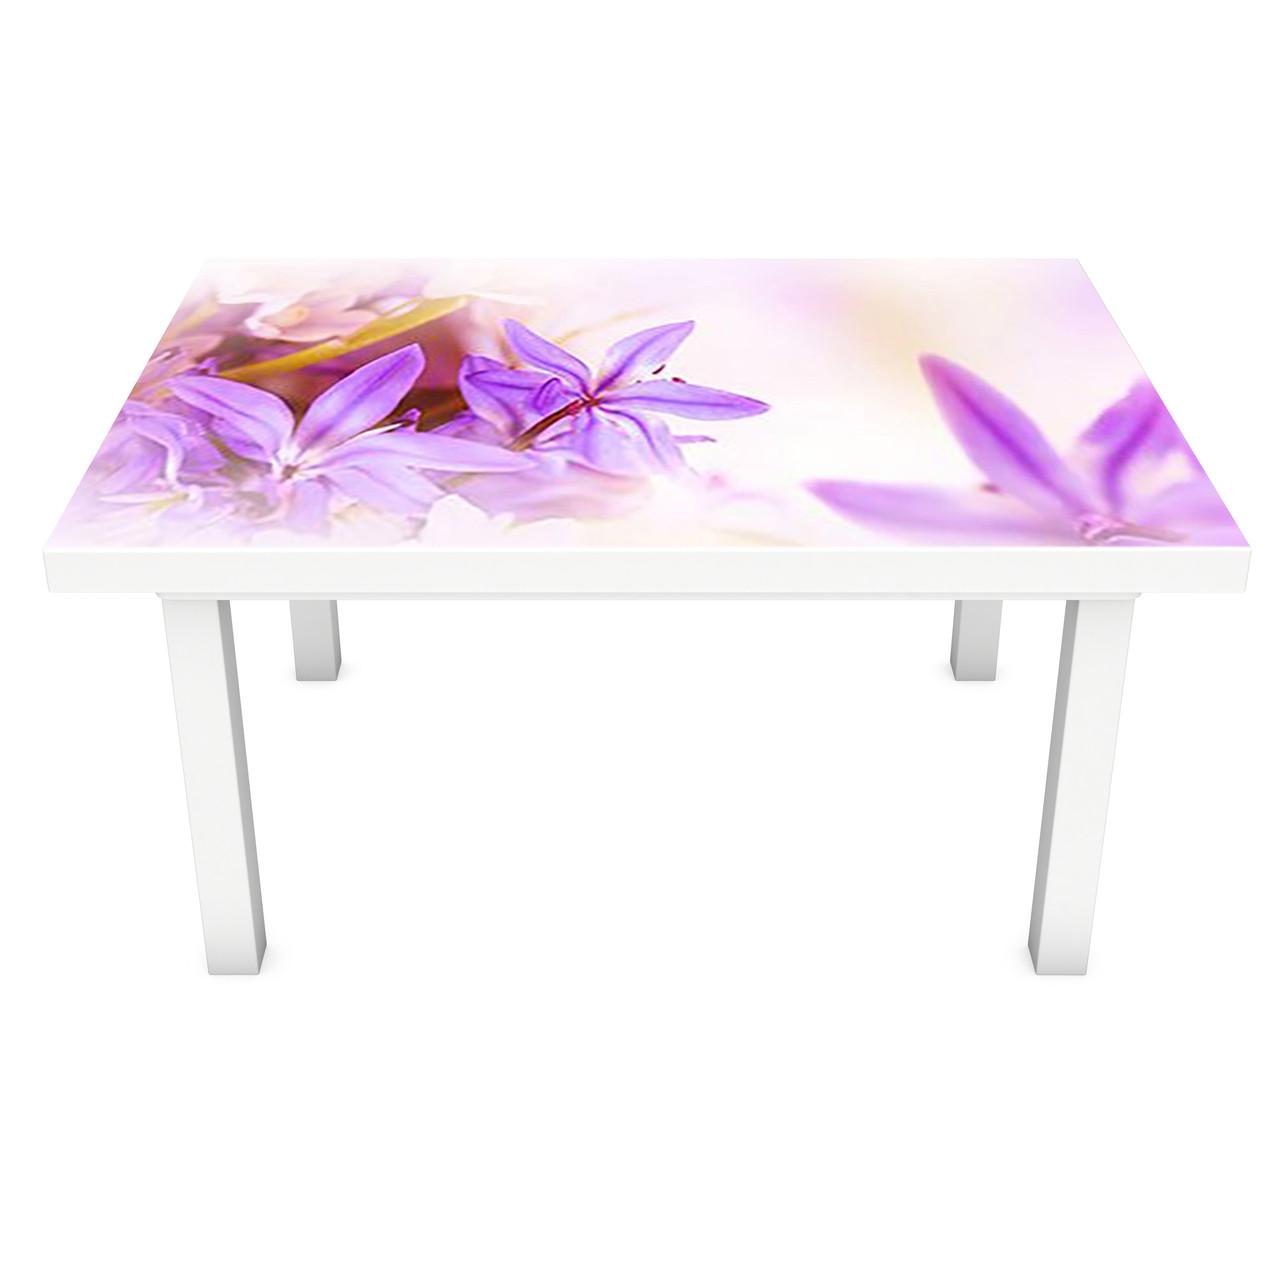 Наклейка на стол виниловая Фиолетовые цветы виниловый ПВХ пленка для мебели интерьерная 3D 600*1200 мм